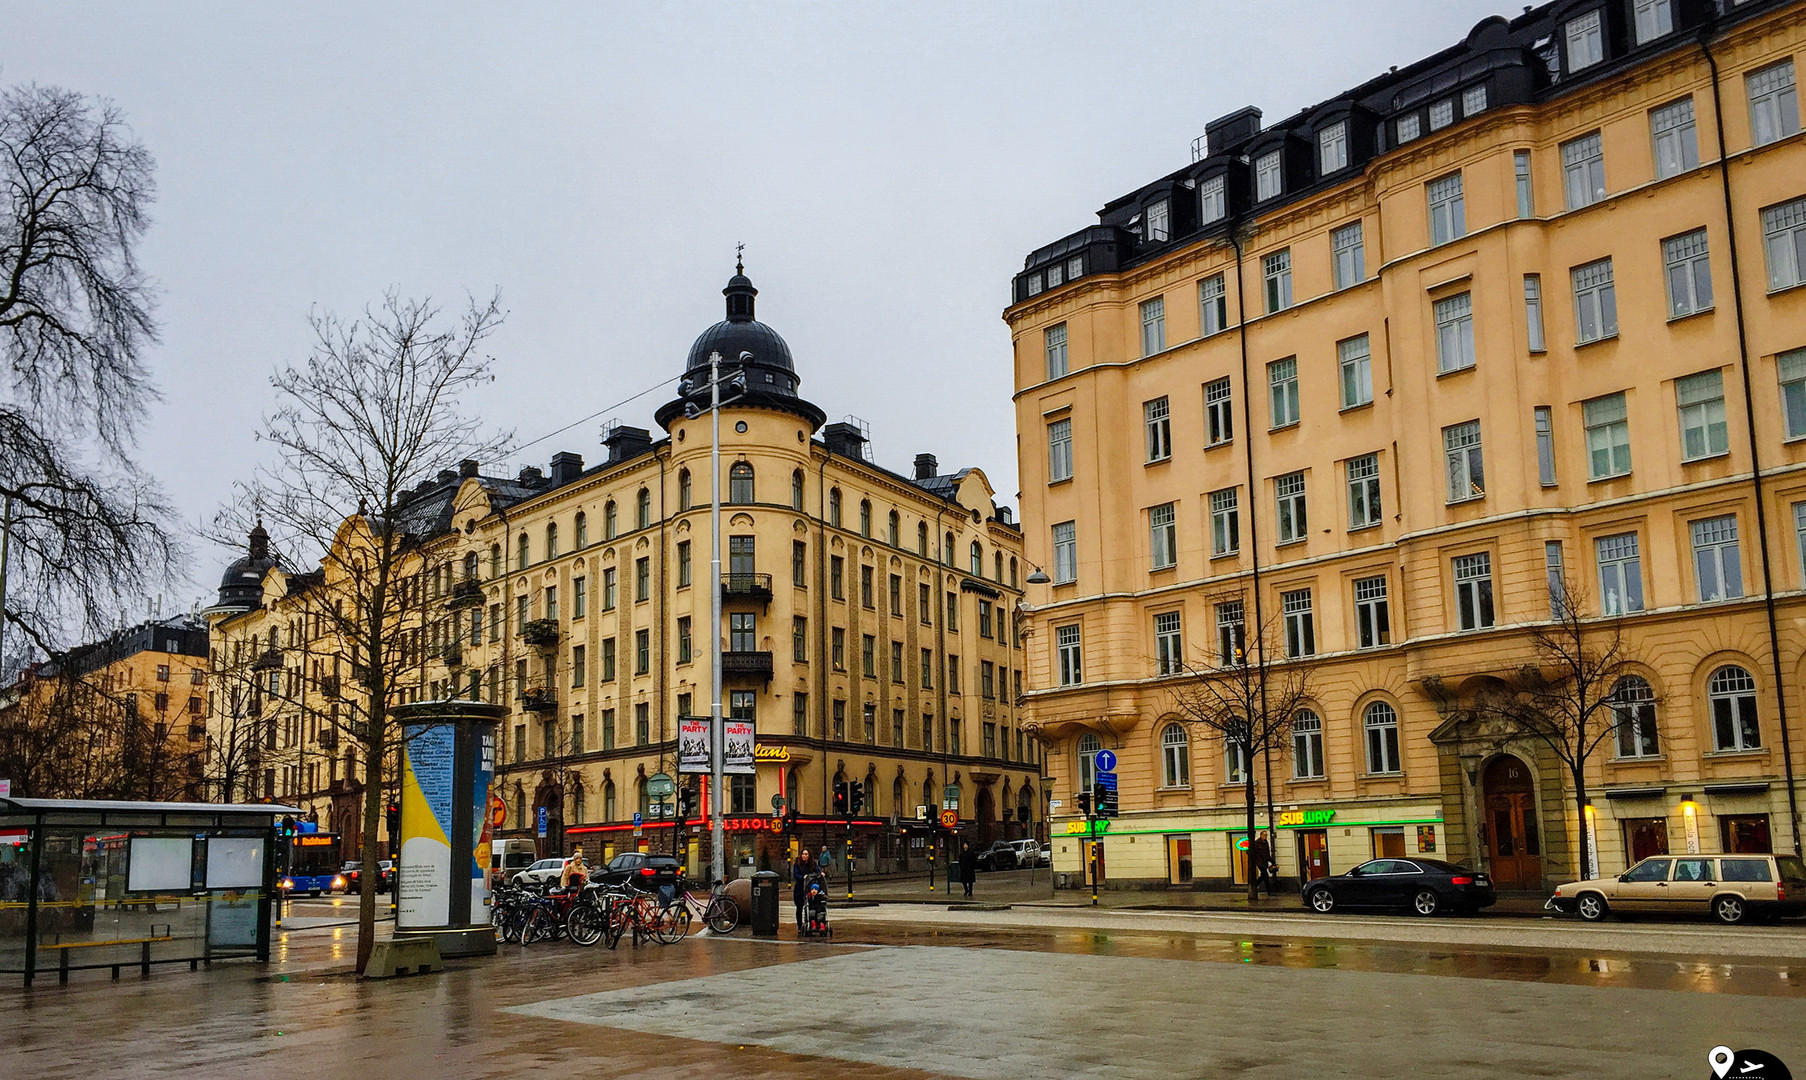 Площадь Оденплан, Стокгольм